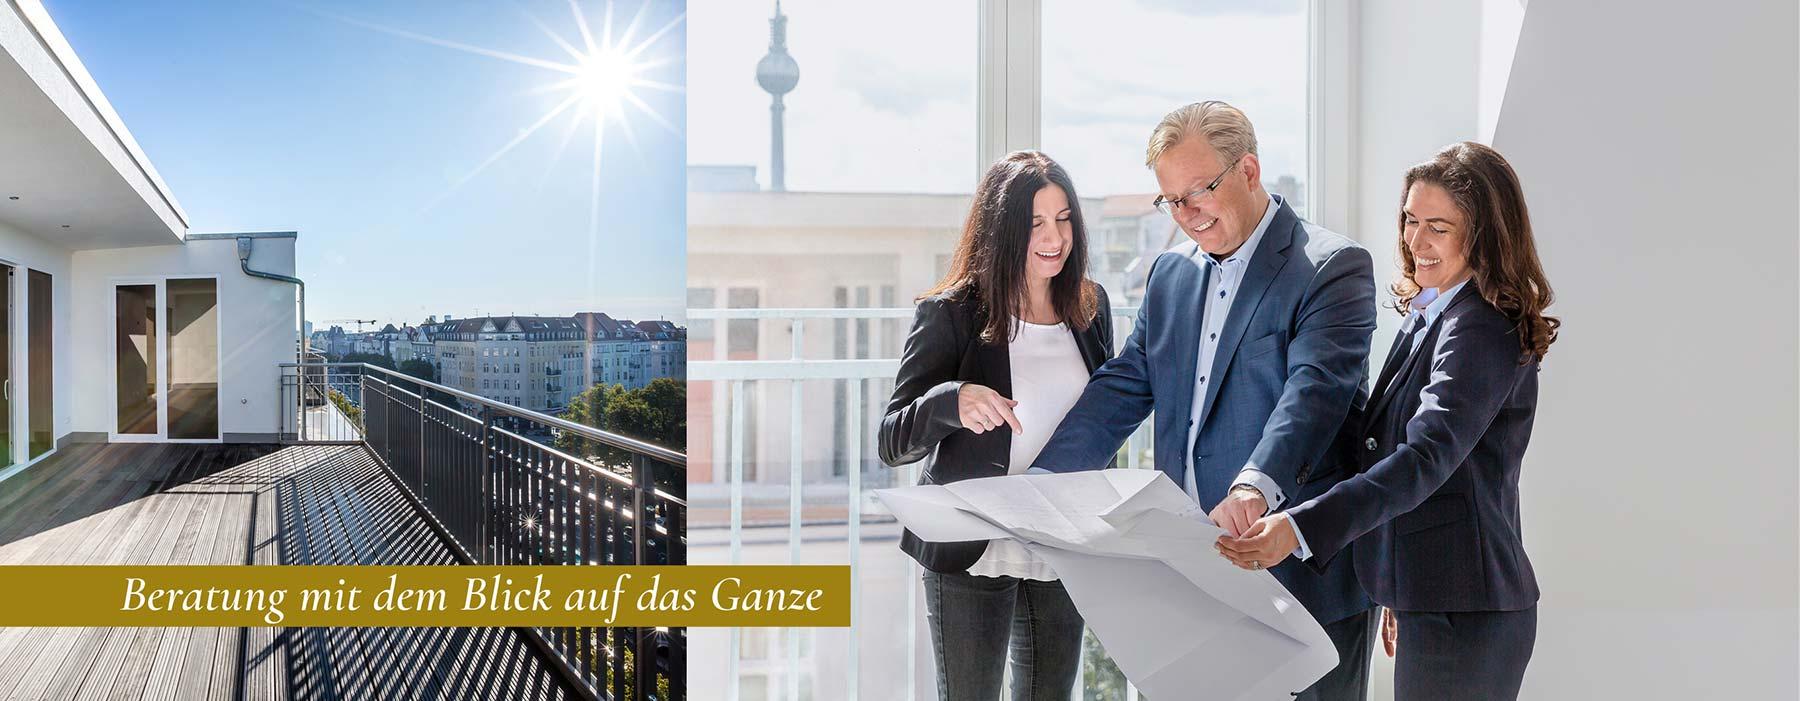 Zachger Immobilien Bewertung Berlin